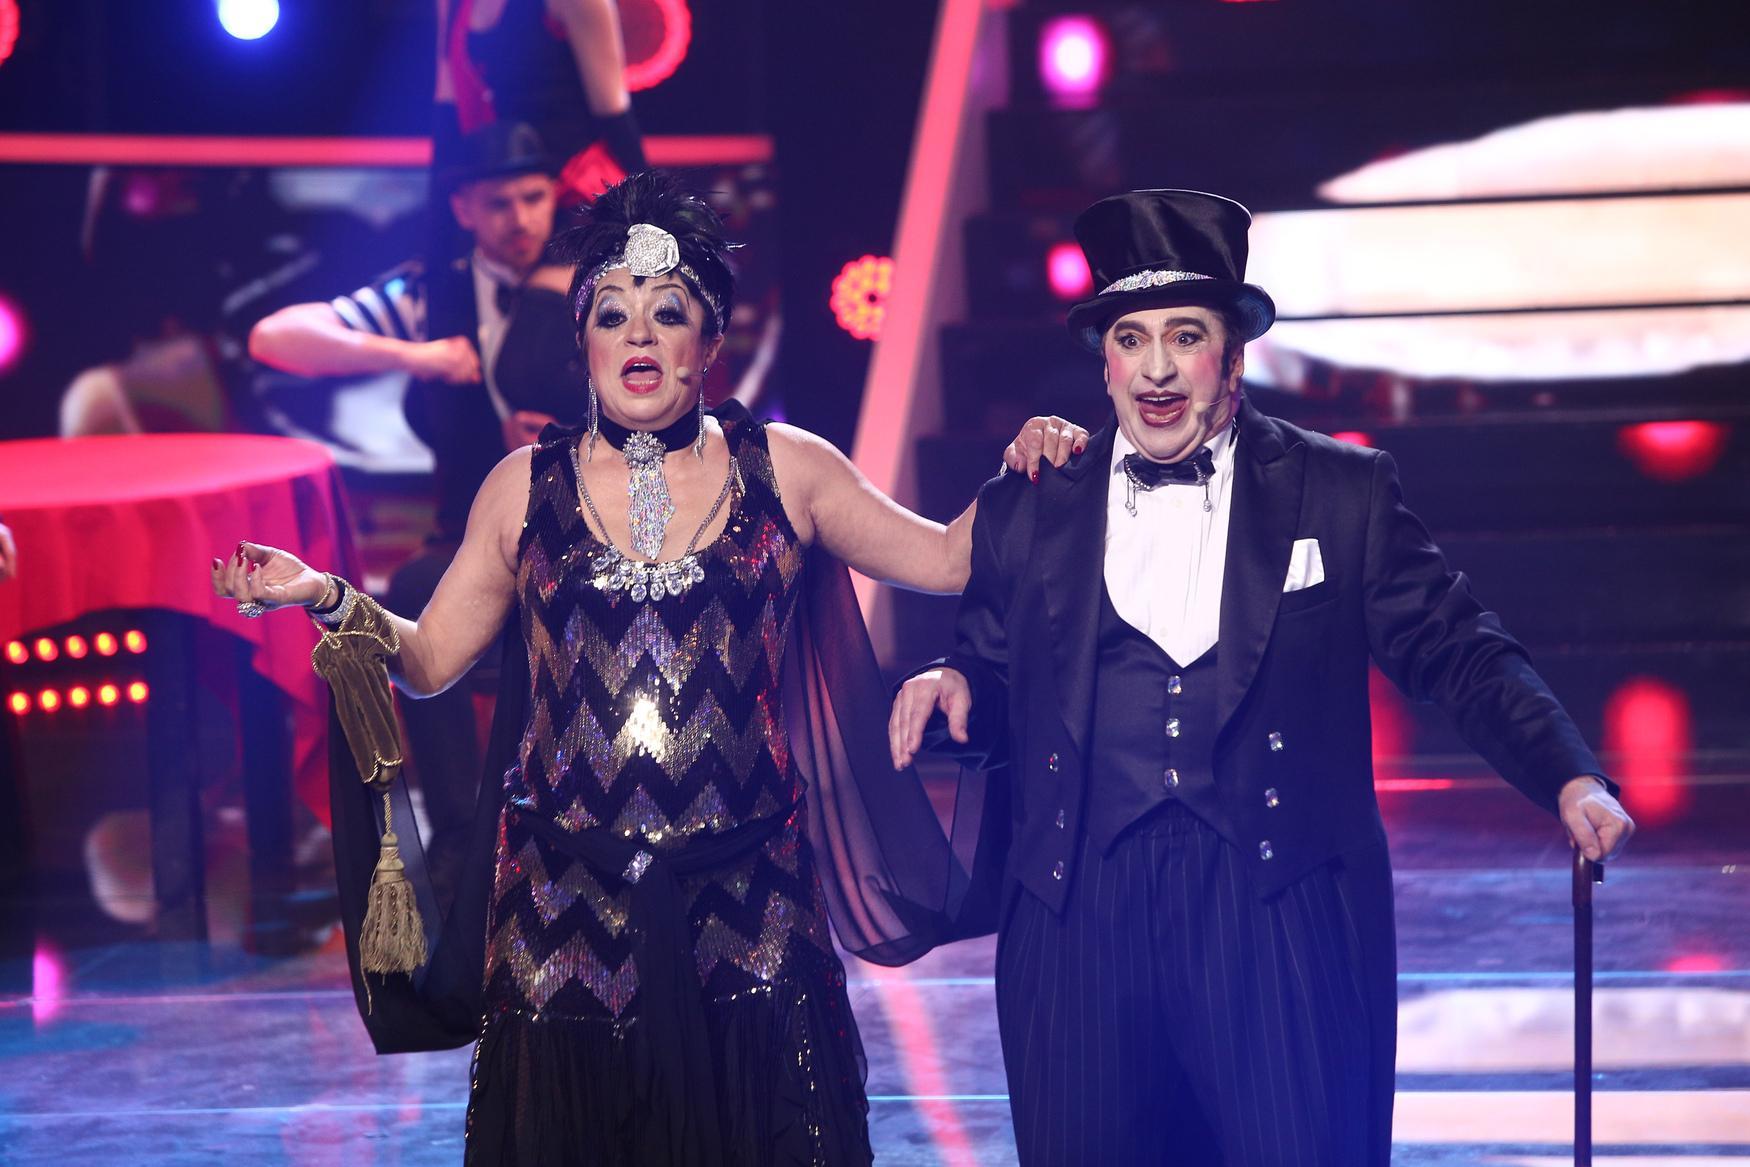 Te cunosc de undeva, 15 mai 2021. Adriana Trandafir și Romică Țociu, cabaret sublim, transformați în Liza Minnelli și Joel Grey